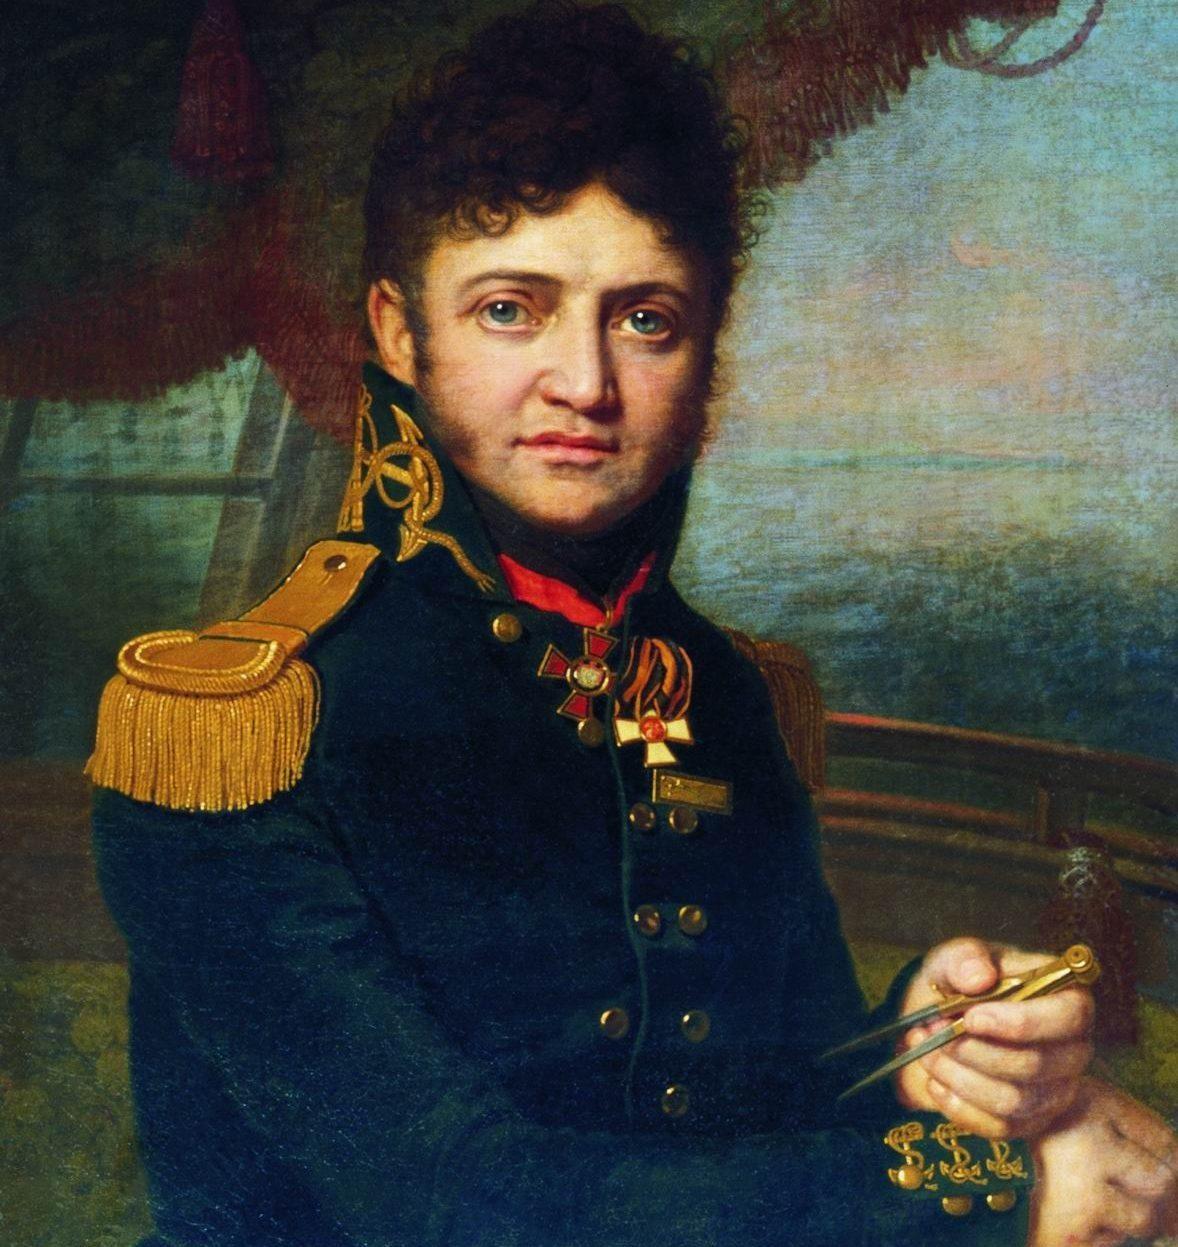 Худ. В.Боровіковський. Портрет мореплавця Ю.Ф.Лисянського, 1809 р.